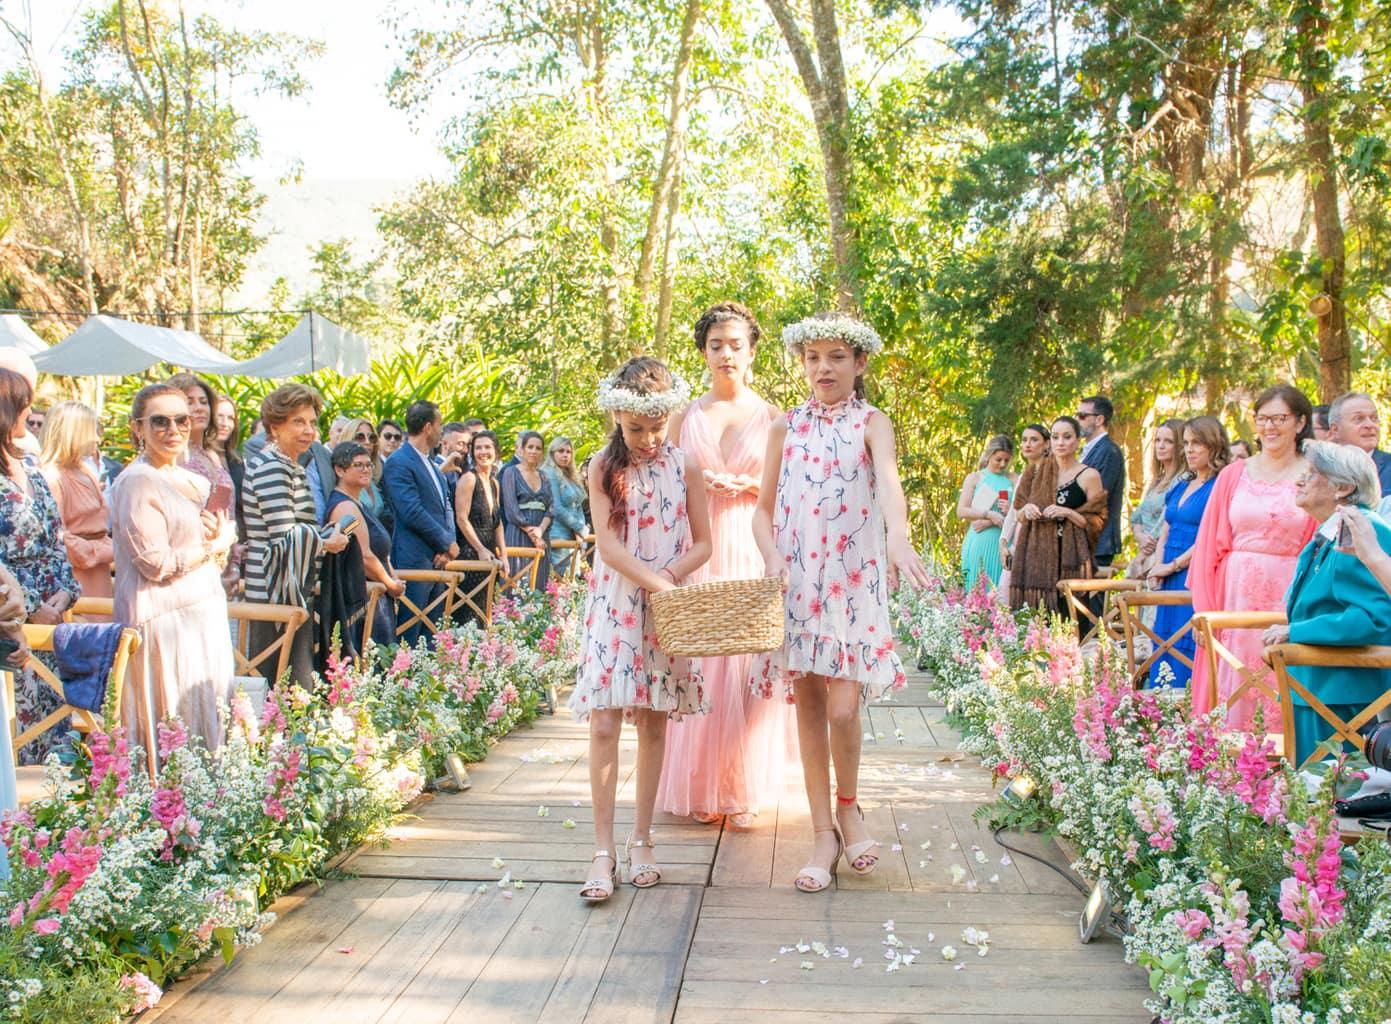 casamento-babi-e-Marcos-casamento-de-dia-casamento-ao-ar-livre-rio-de-janeiro-fotografia-Rodrigo-Sack-cerimonia-19